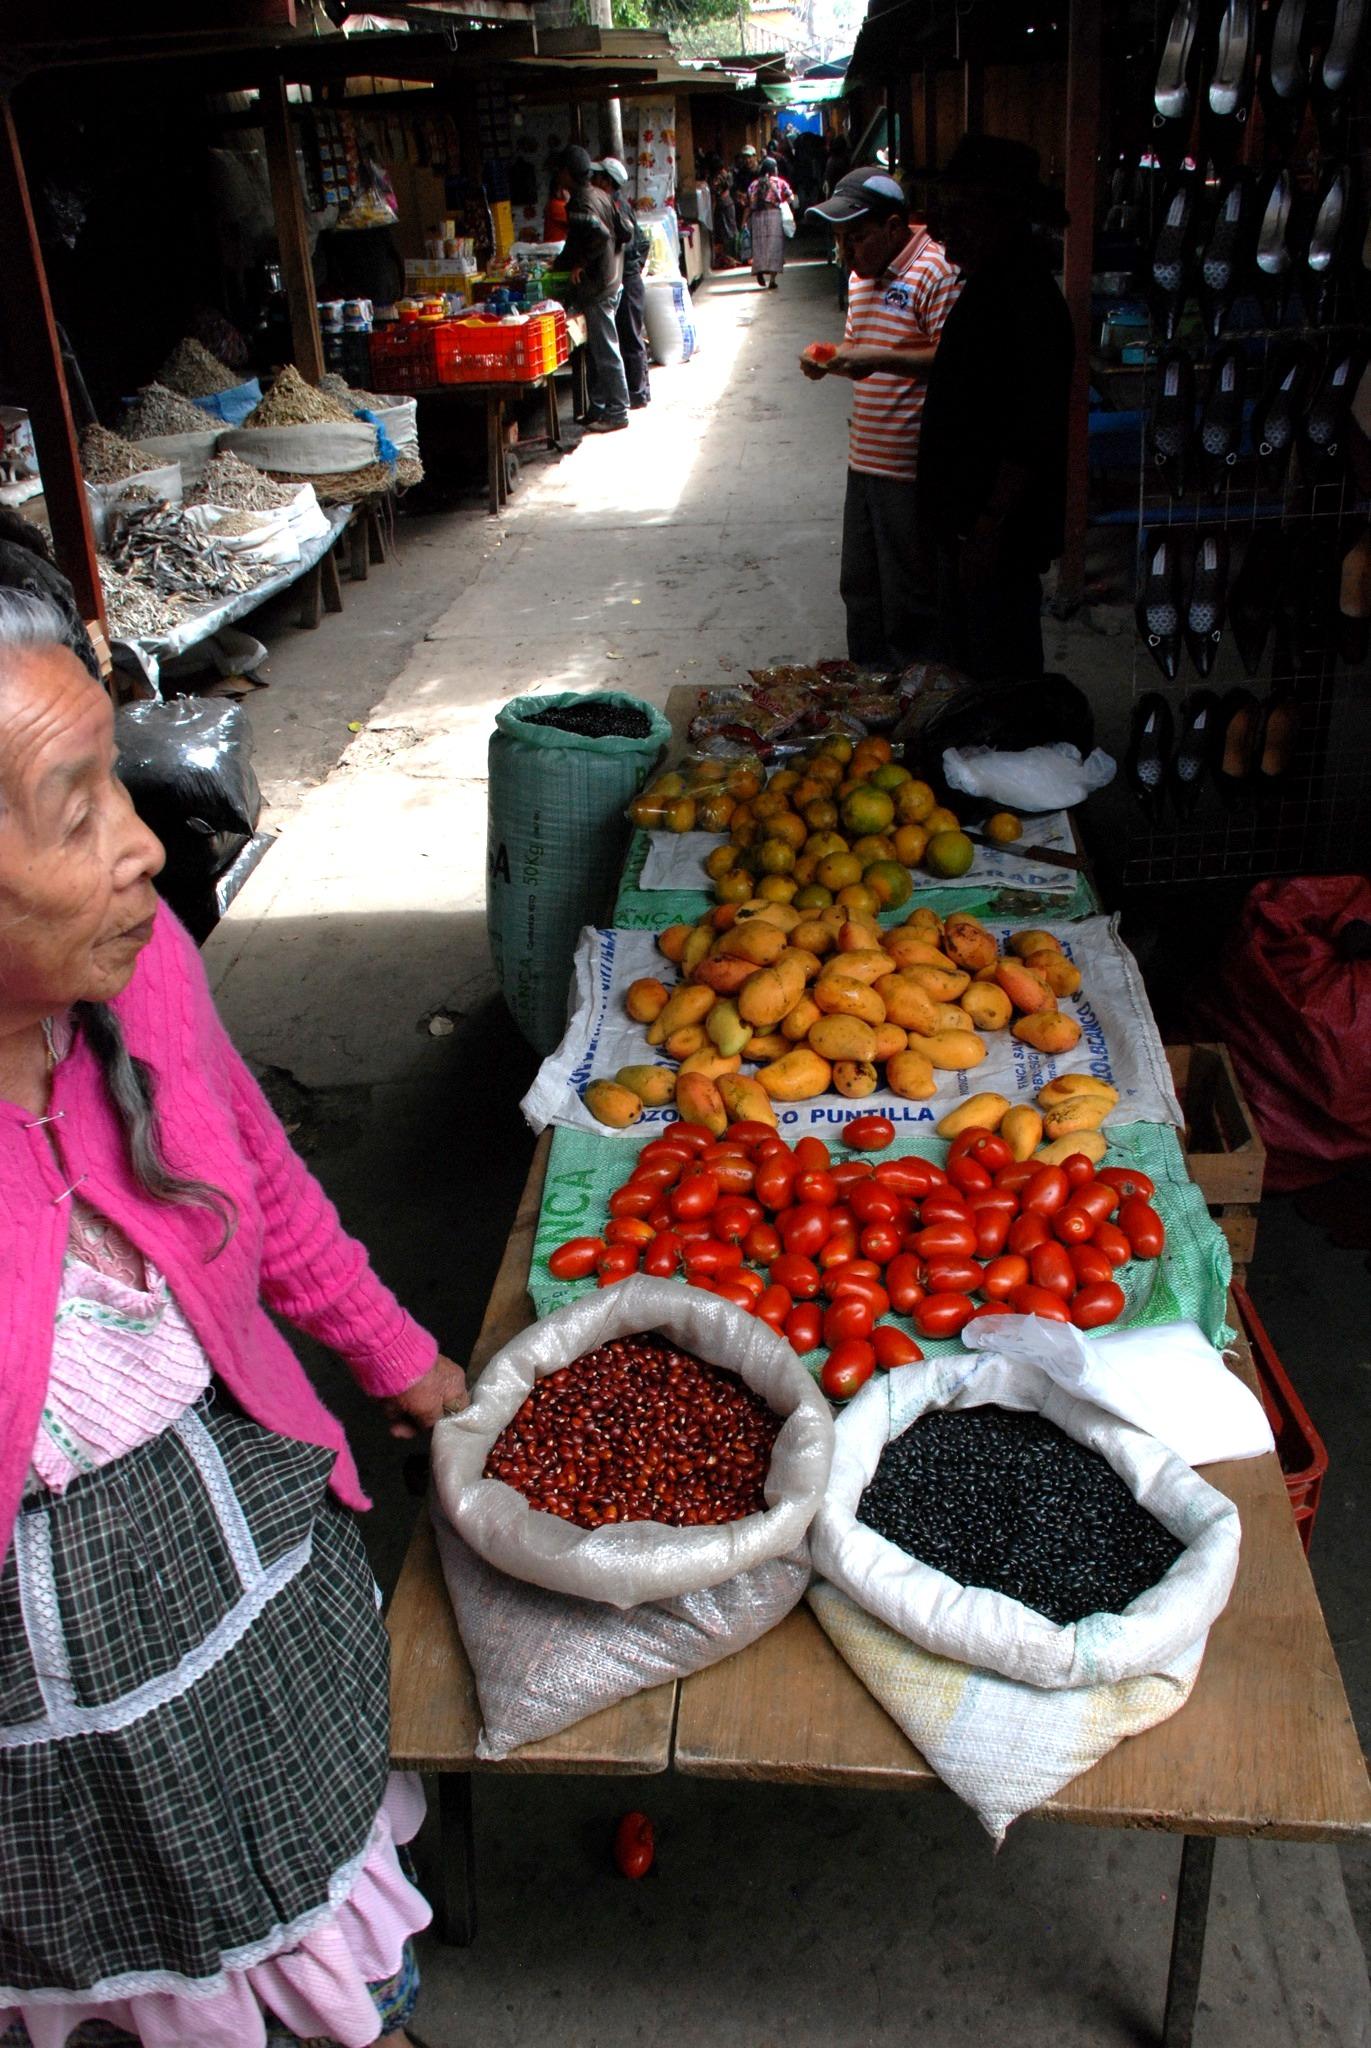 Imagen de la noticia Apoyando la implementación de lineamientos estratégicos de gobernanza en seguridad alimentaria y nutricional para la reducción de la desnutrición en Guatemala